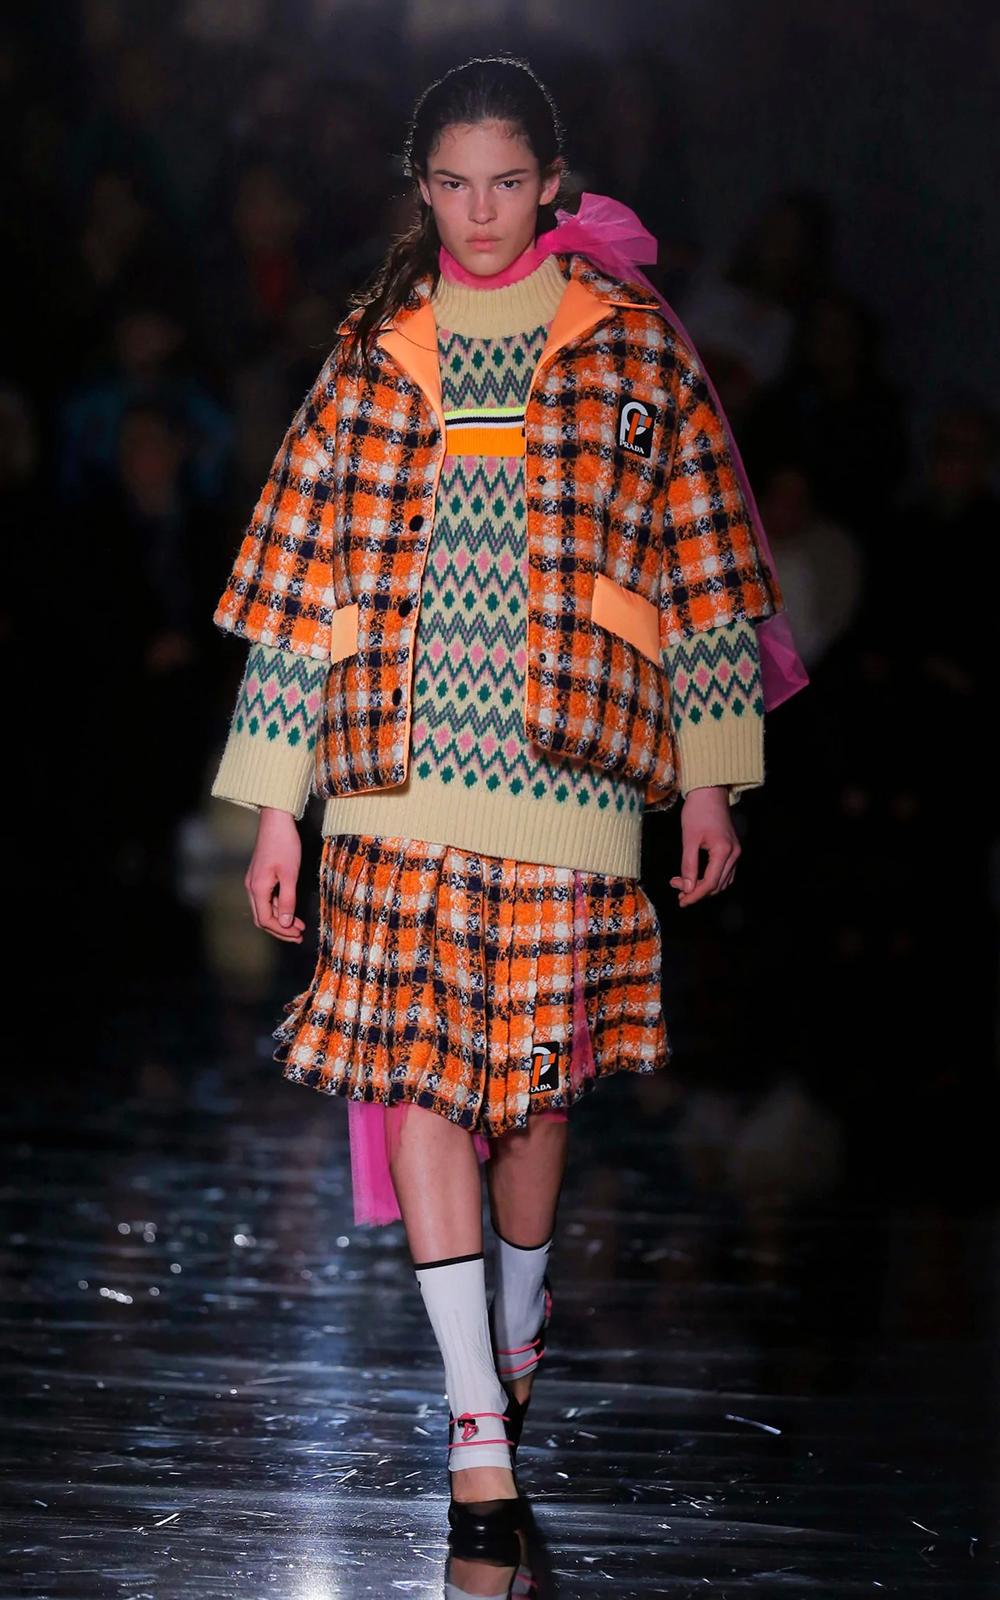 A model walks the Prada AW18 catwalk CREDIT GETTY